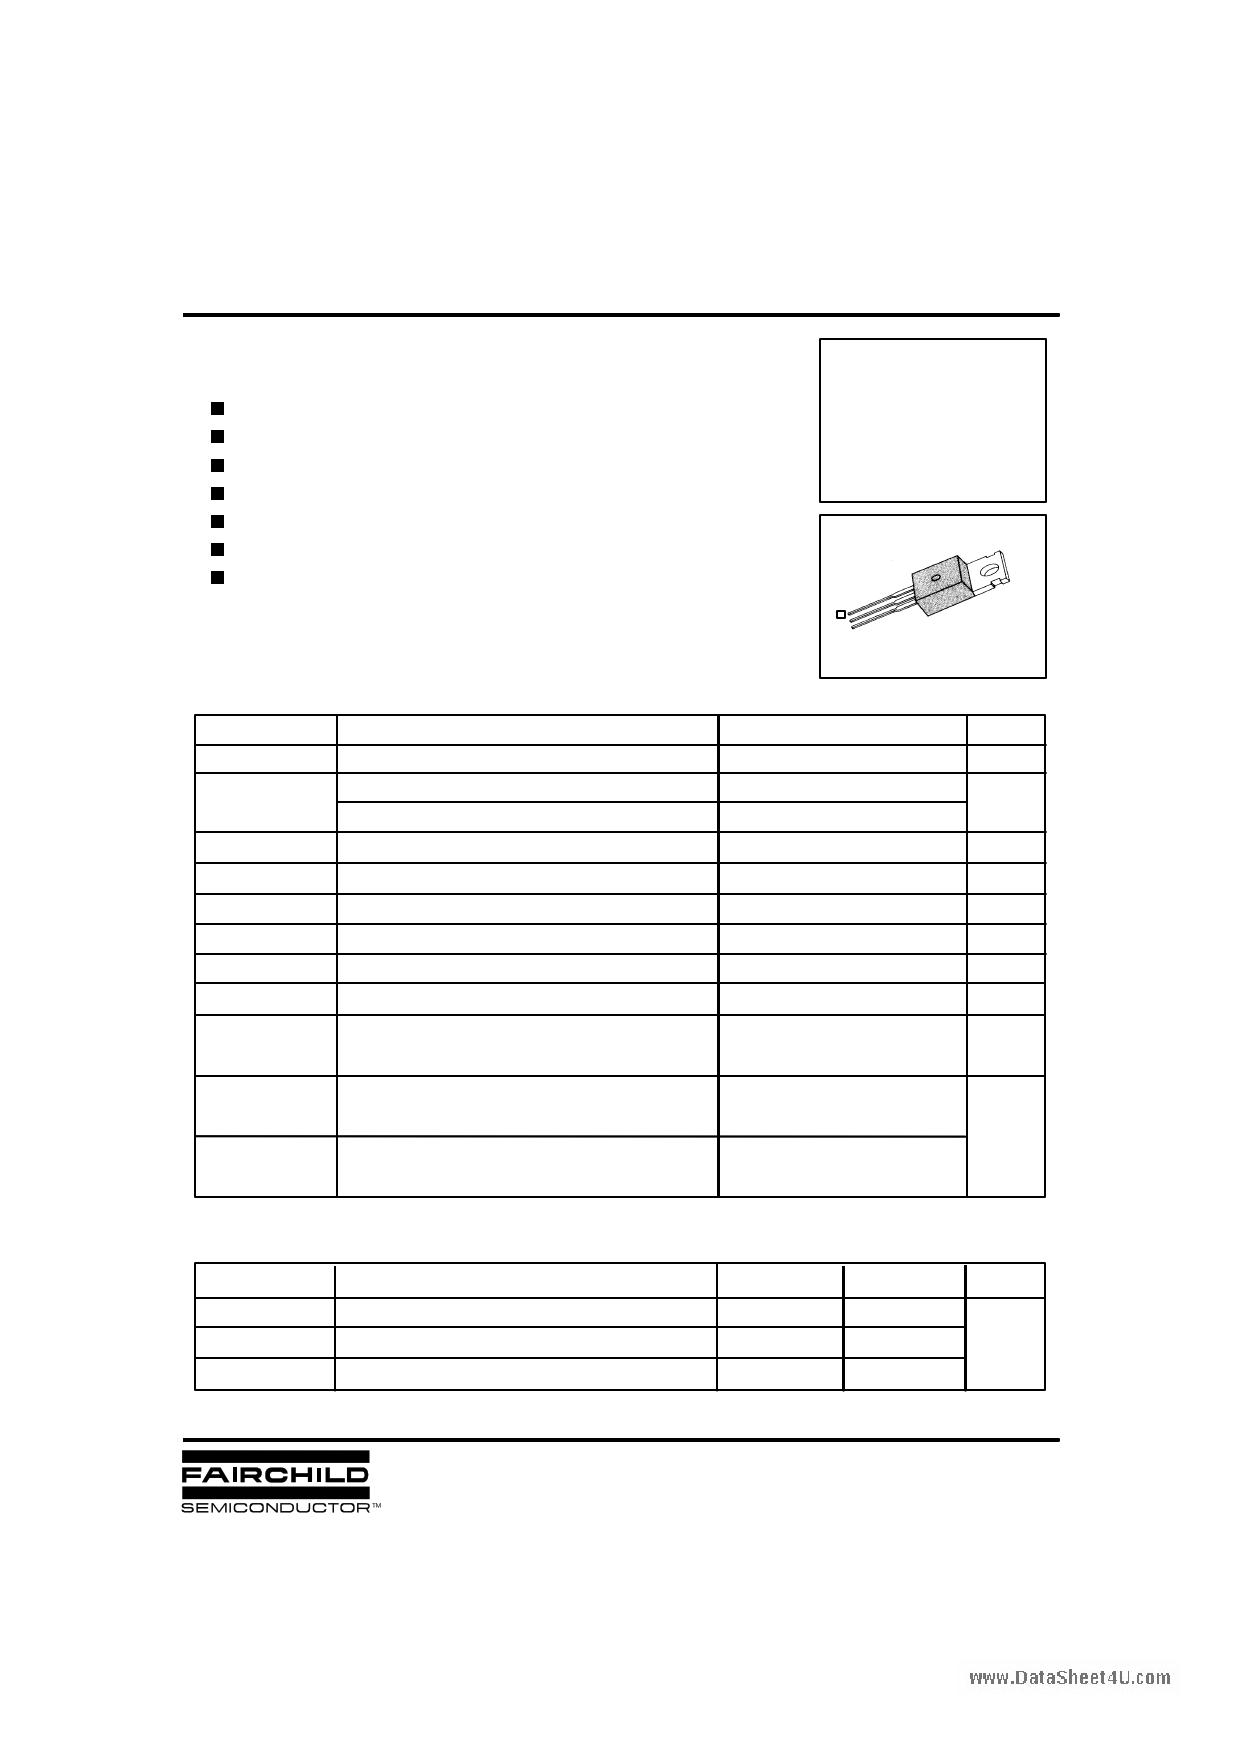 P4N60 datasheet, circuit